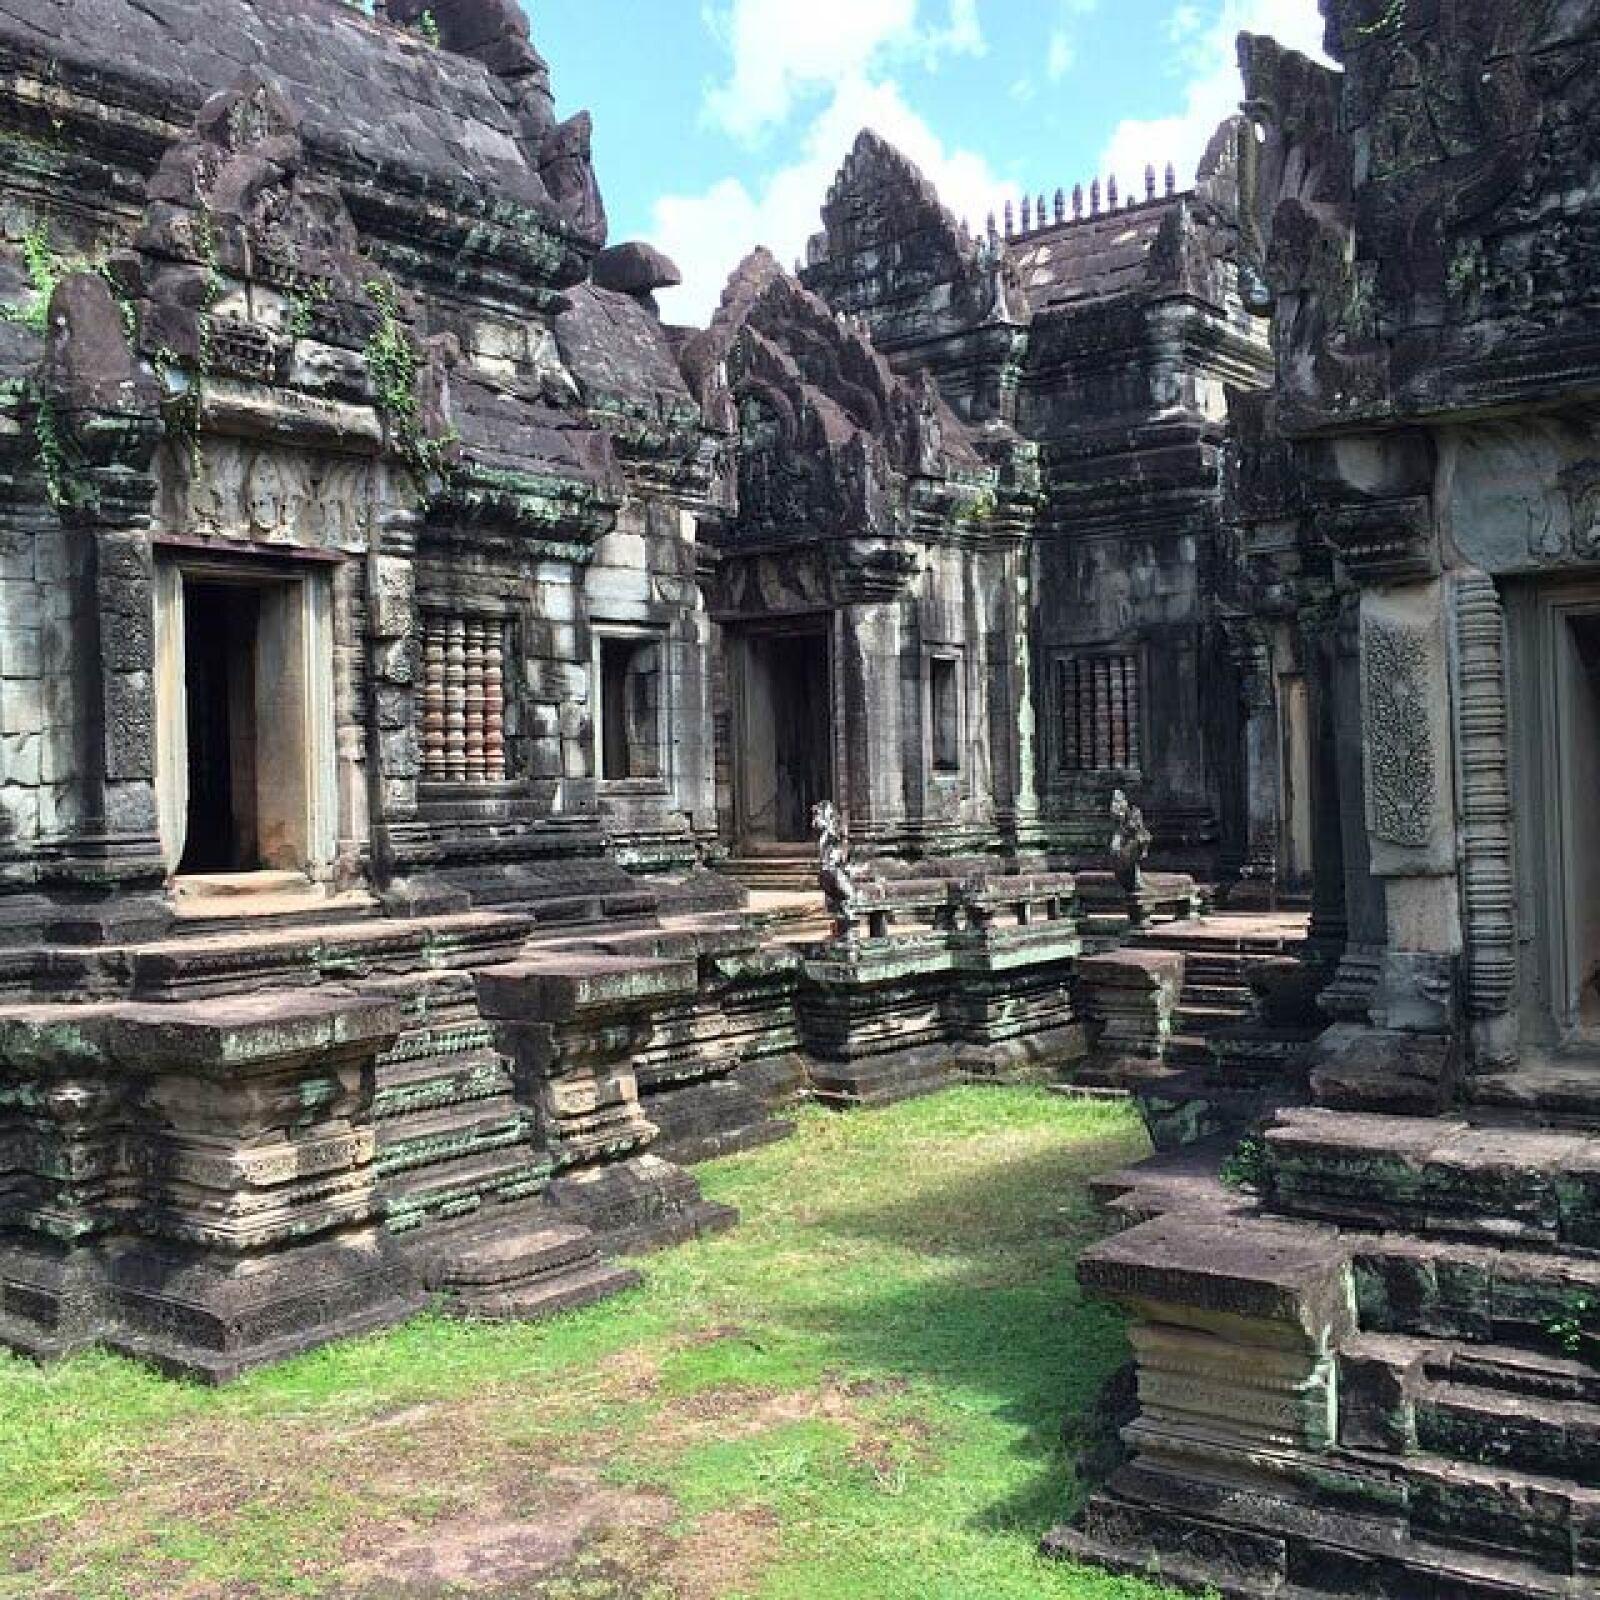 Las vistas que atestiguó la pareja, cerca del templo Ankor Thom.